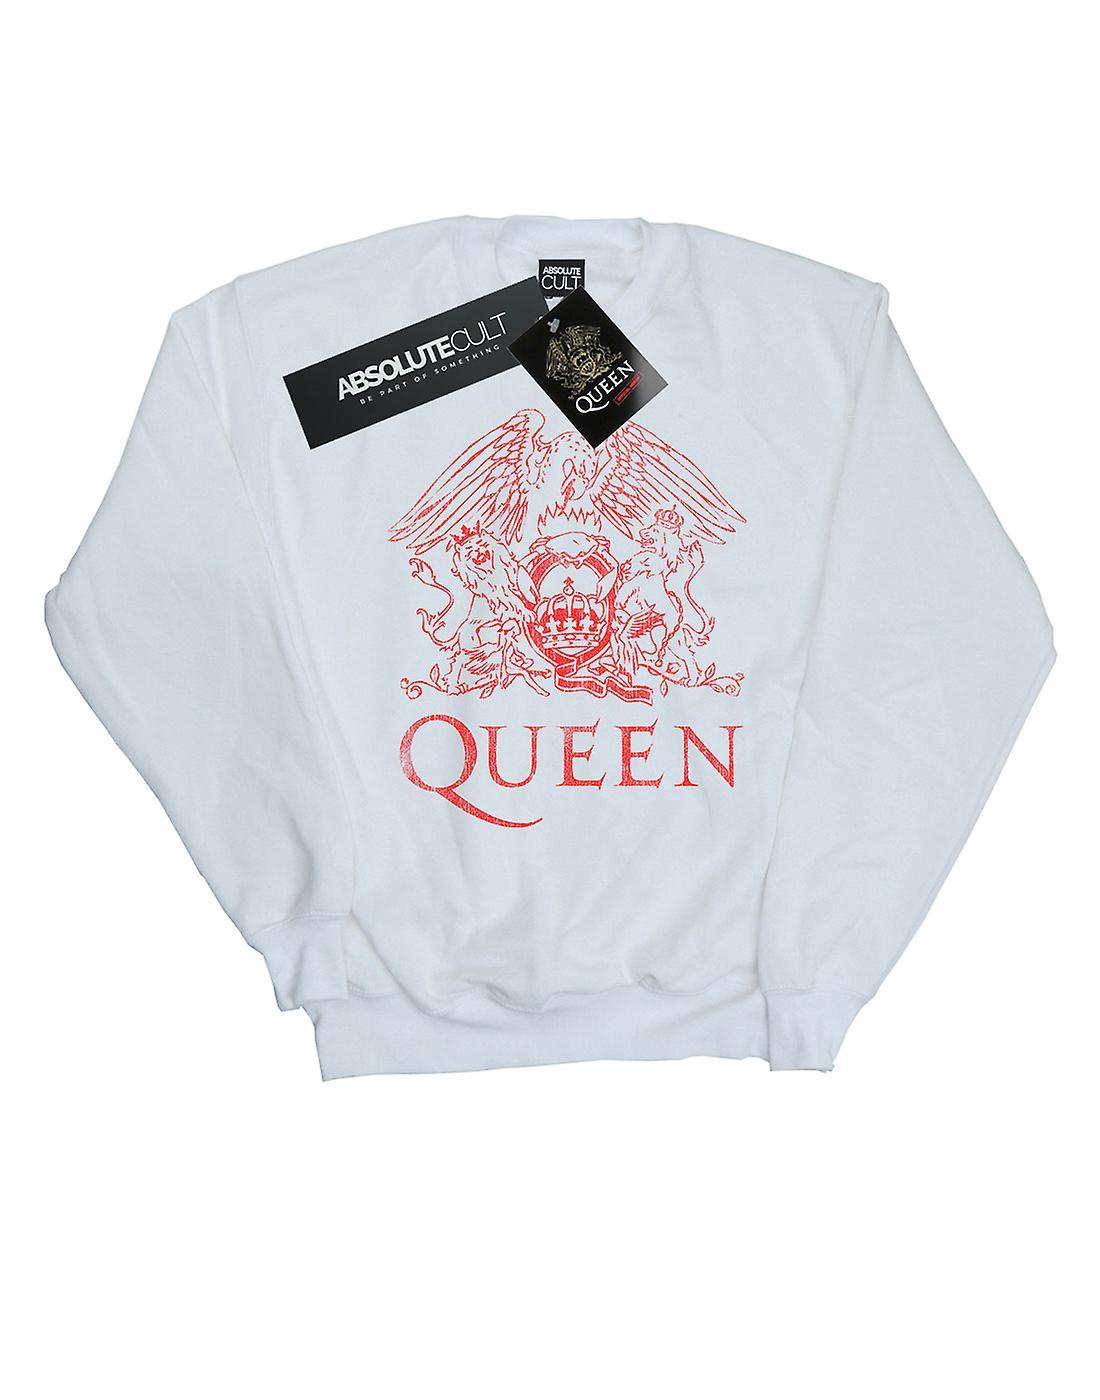 Queen Boys Distressed Crest Sweatshirt